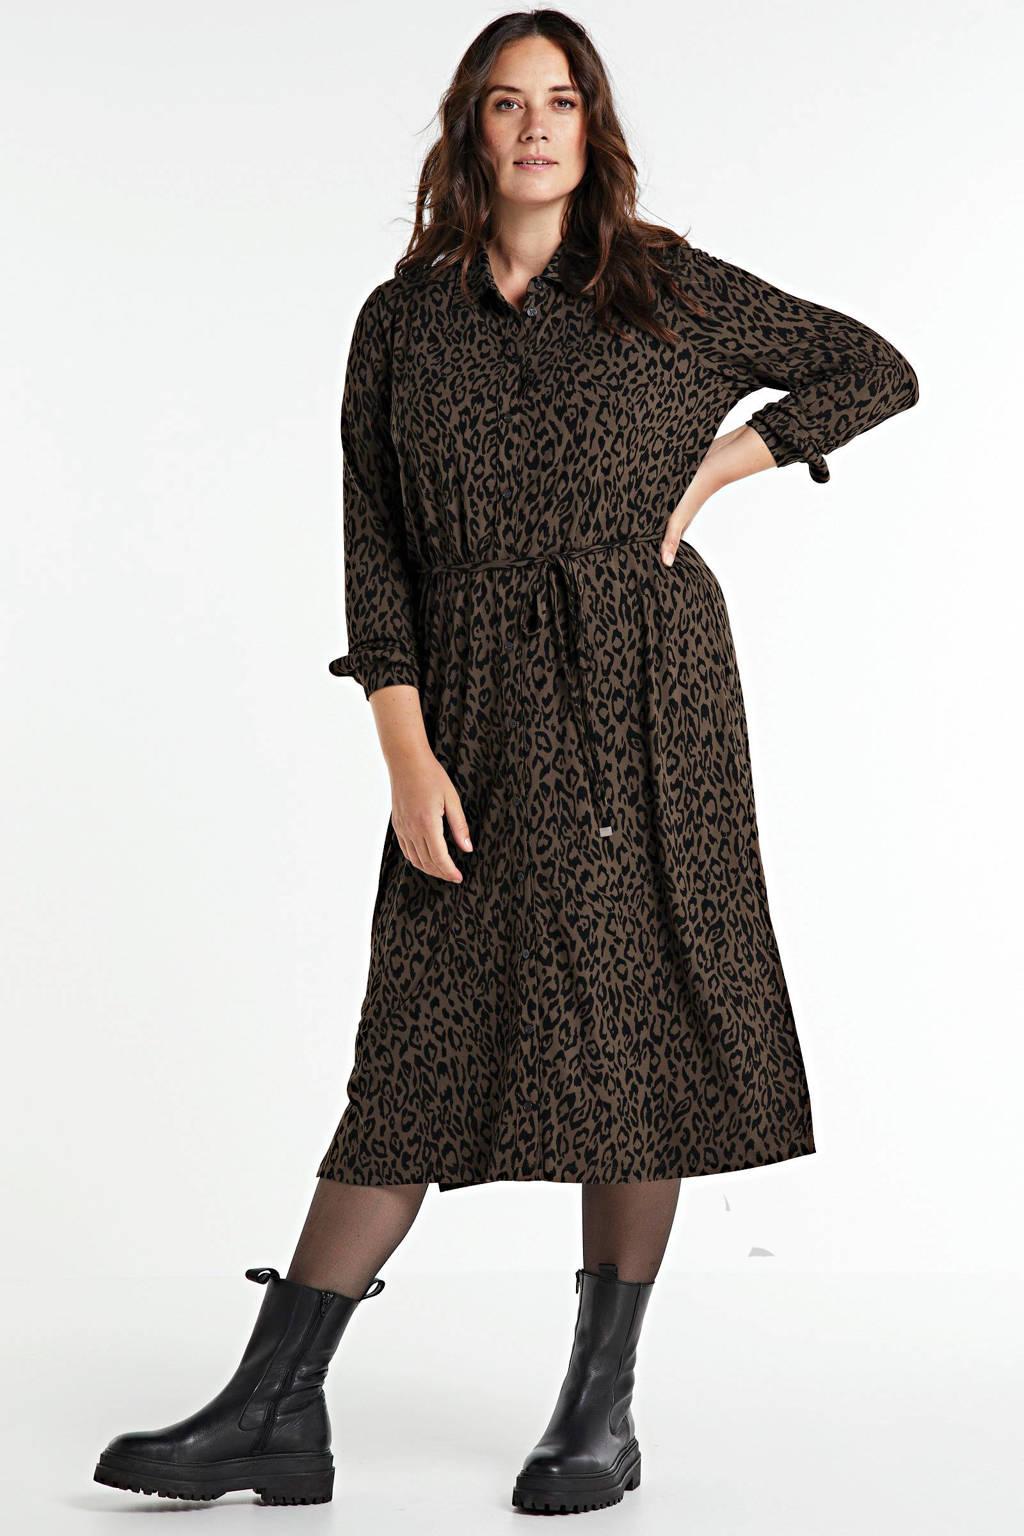 Yesta blousejurk met panterprint bruin/zwart, Bruin/zwart